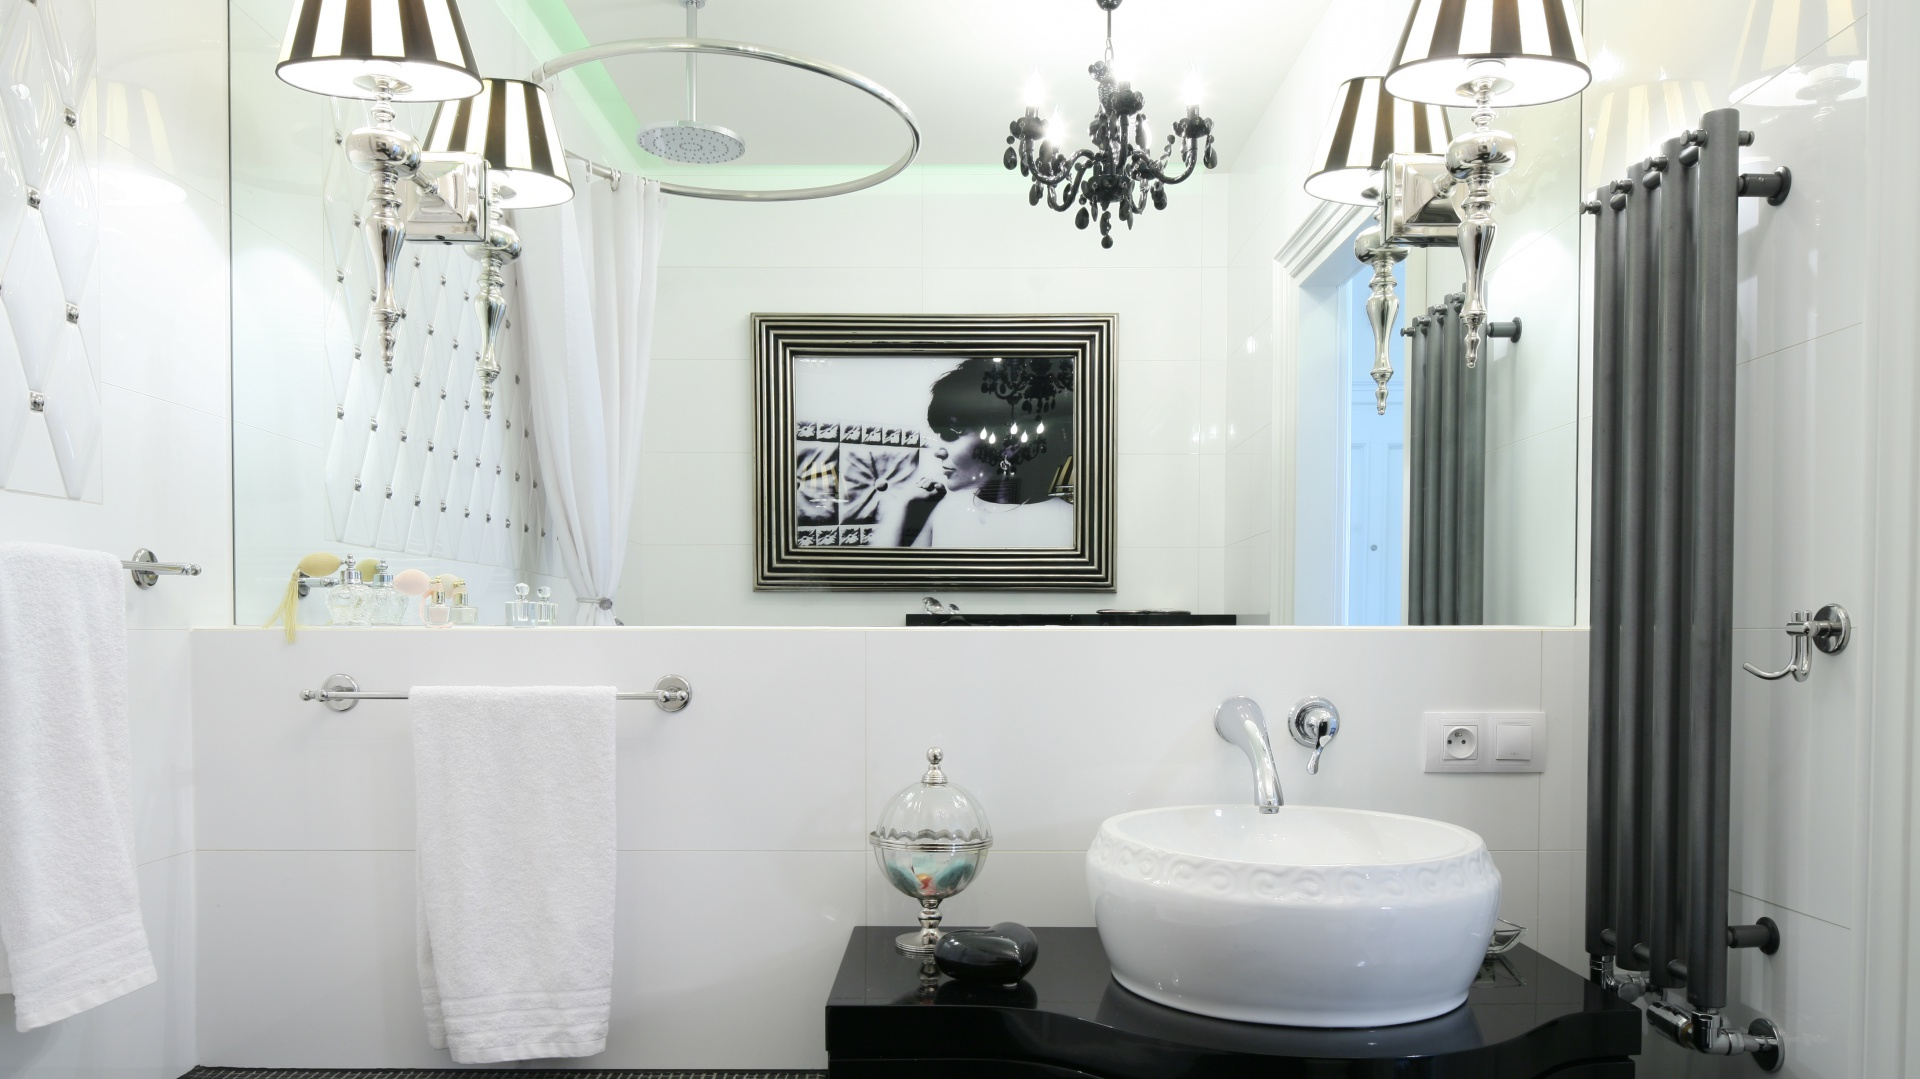 Salonik kąpielowy w stylu retro urządzony został w kobiecym stylu. Uroku aranżacji dodają kinkiety z abażurami w czarne i białe pasy. Projekt: Małgorzata Galewska. Fot. Bartosz Jarosz.